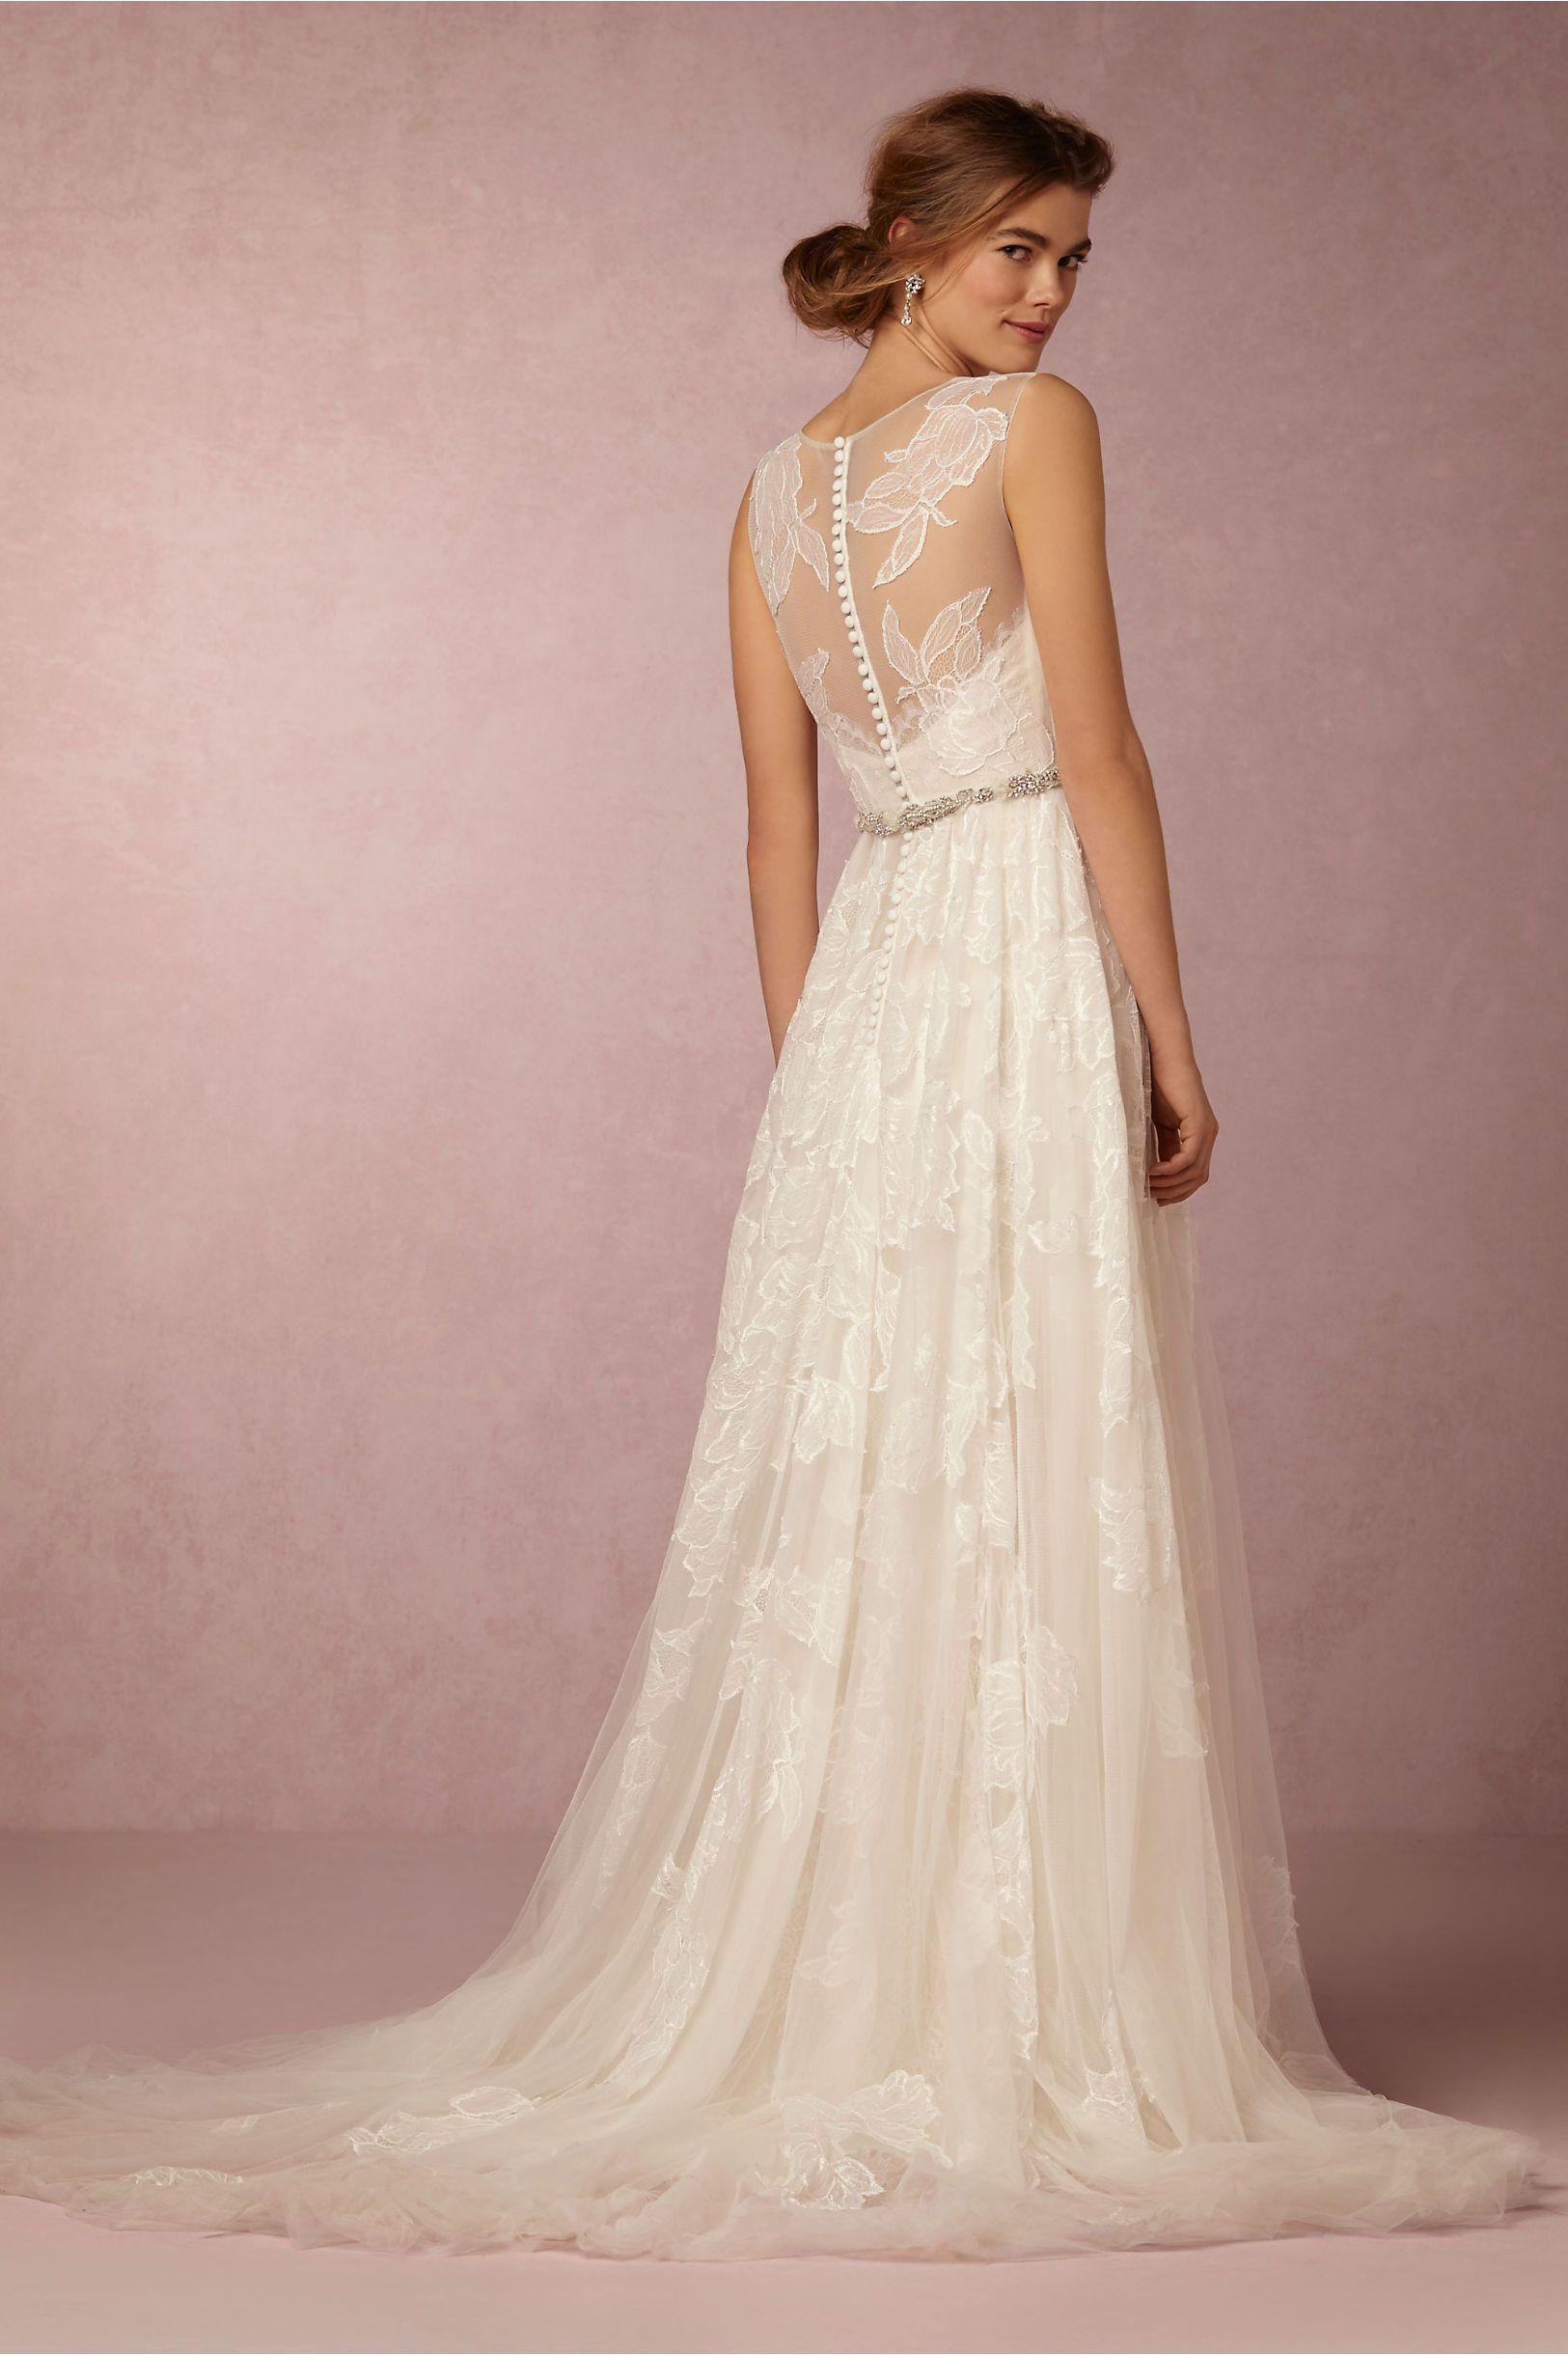 BHLDN Fleuretta Gown in Bride Wedding Dresses at BHLDN | Wedding ...